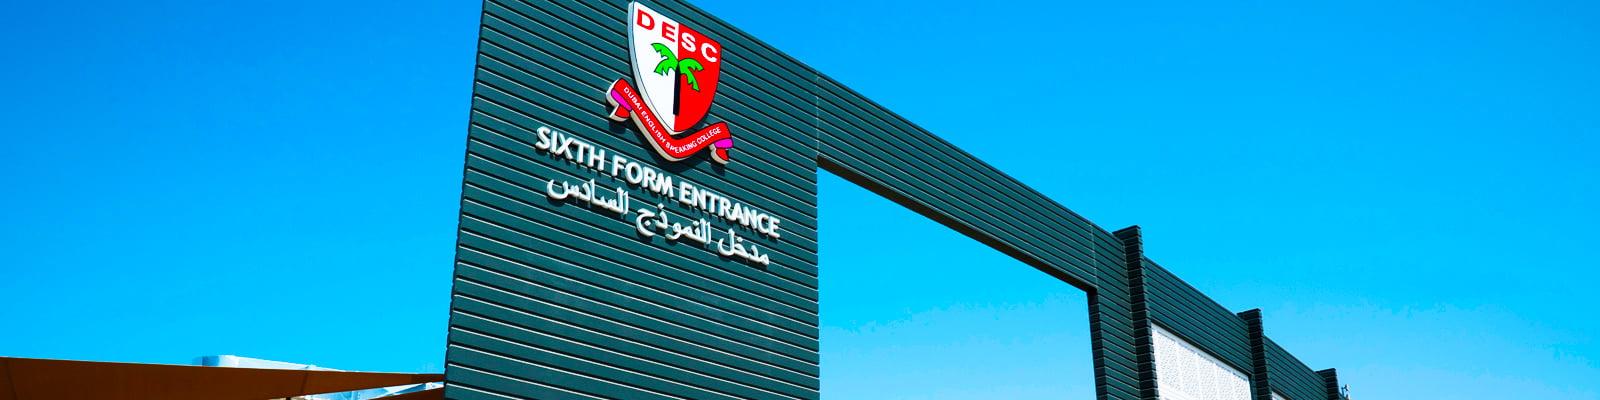 تكرر مباني النموذج السادس الجديدة في كلية دبي للناطقين بالإنجليزية DESC شعور الجامعات البريطانية.